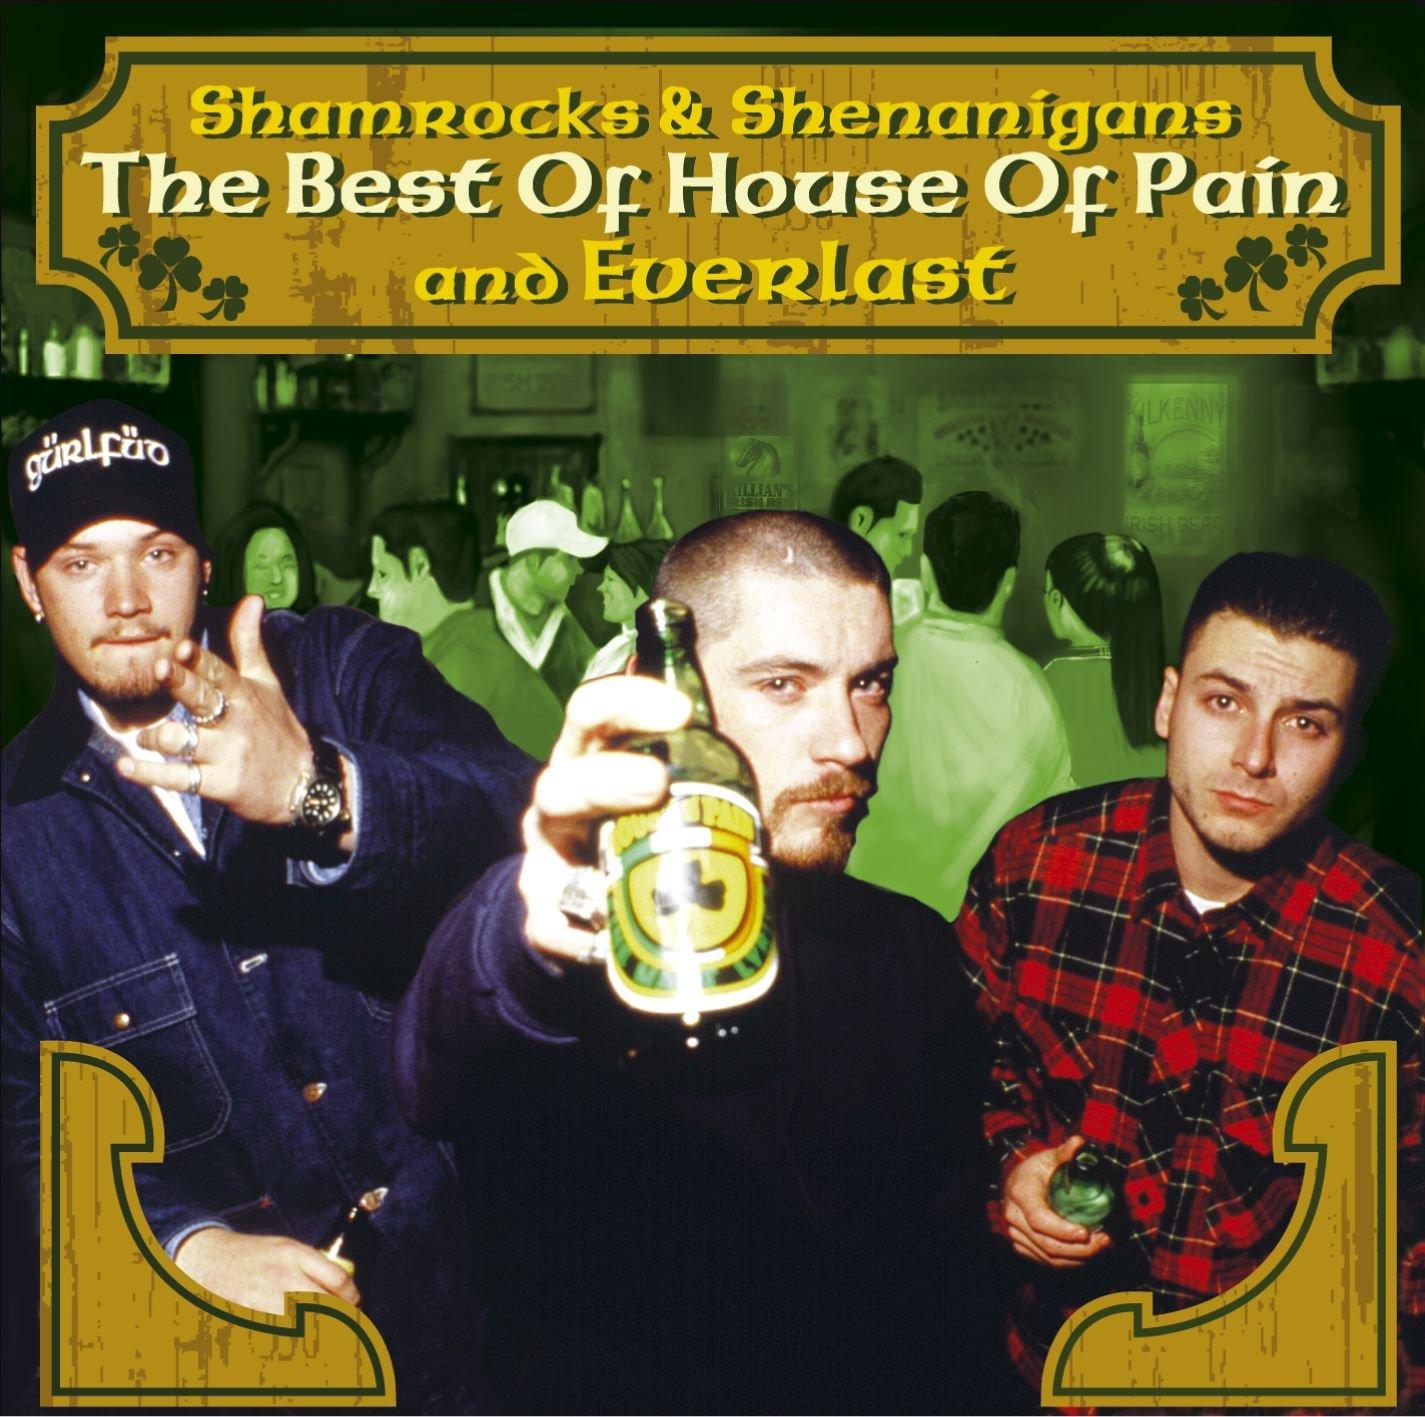 Superb Everlast   Shamrocks U0026 Shenanigans: The Best Of House Of Pain And Everlast    Amazon.com Music